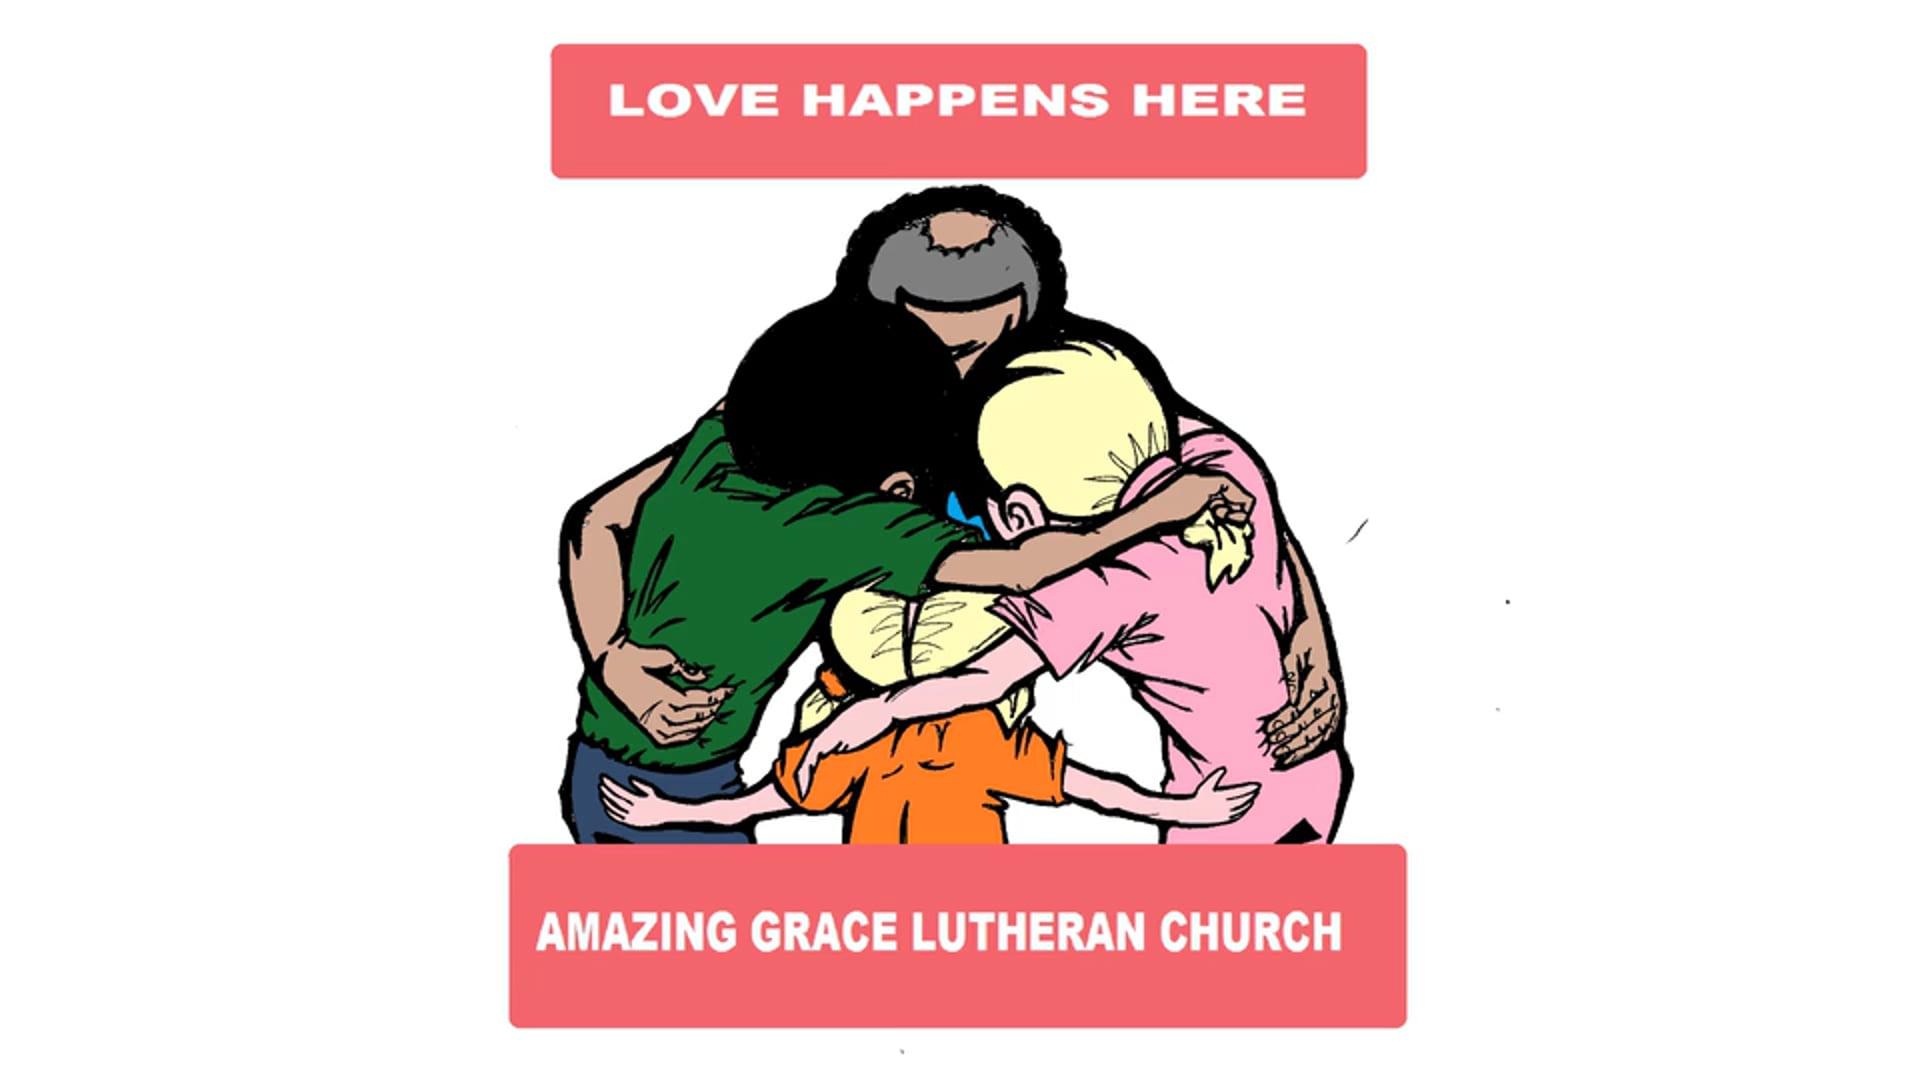 Loving Happens Here